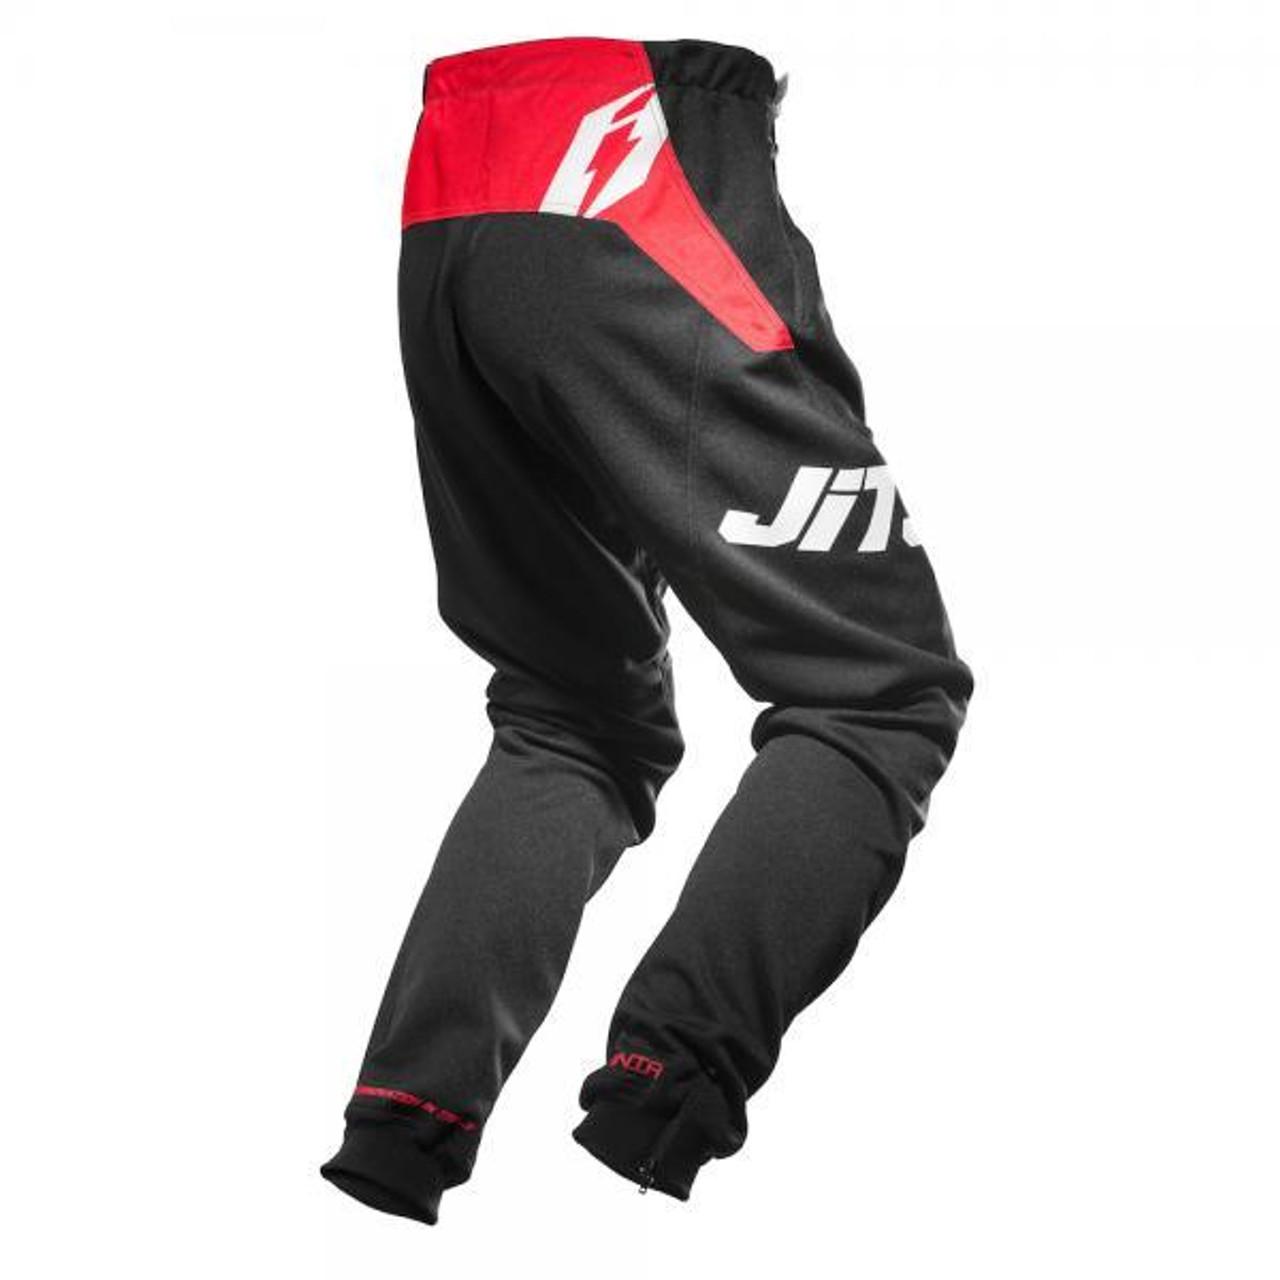 Pants Omnia black/ red